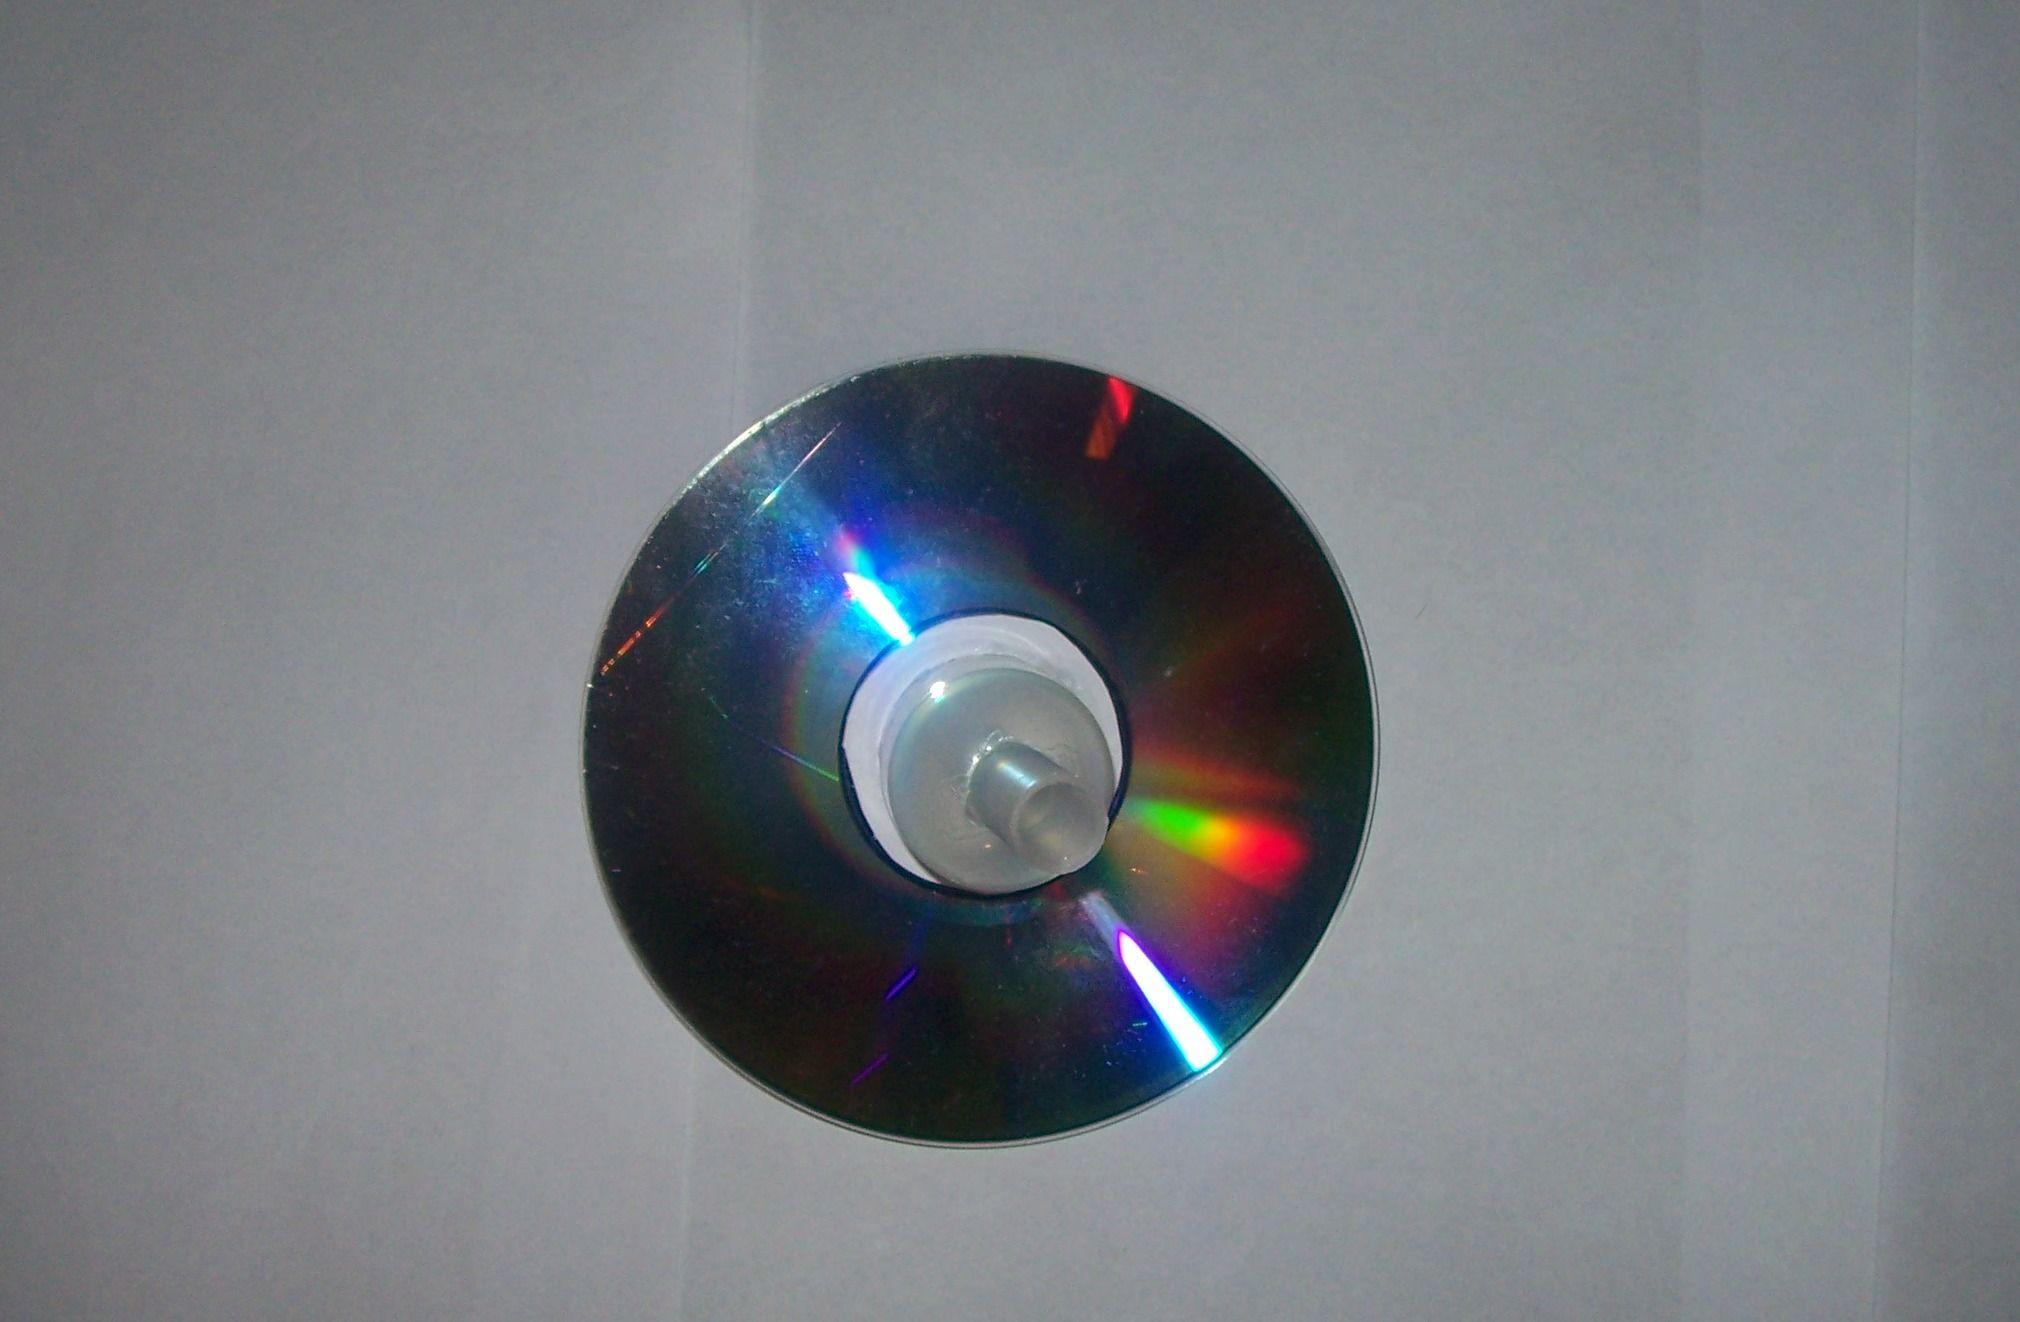 Как сделать волчок из компакт-диска за 15 минут своими руками?